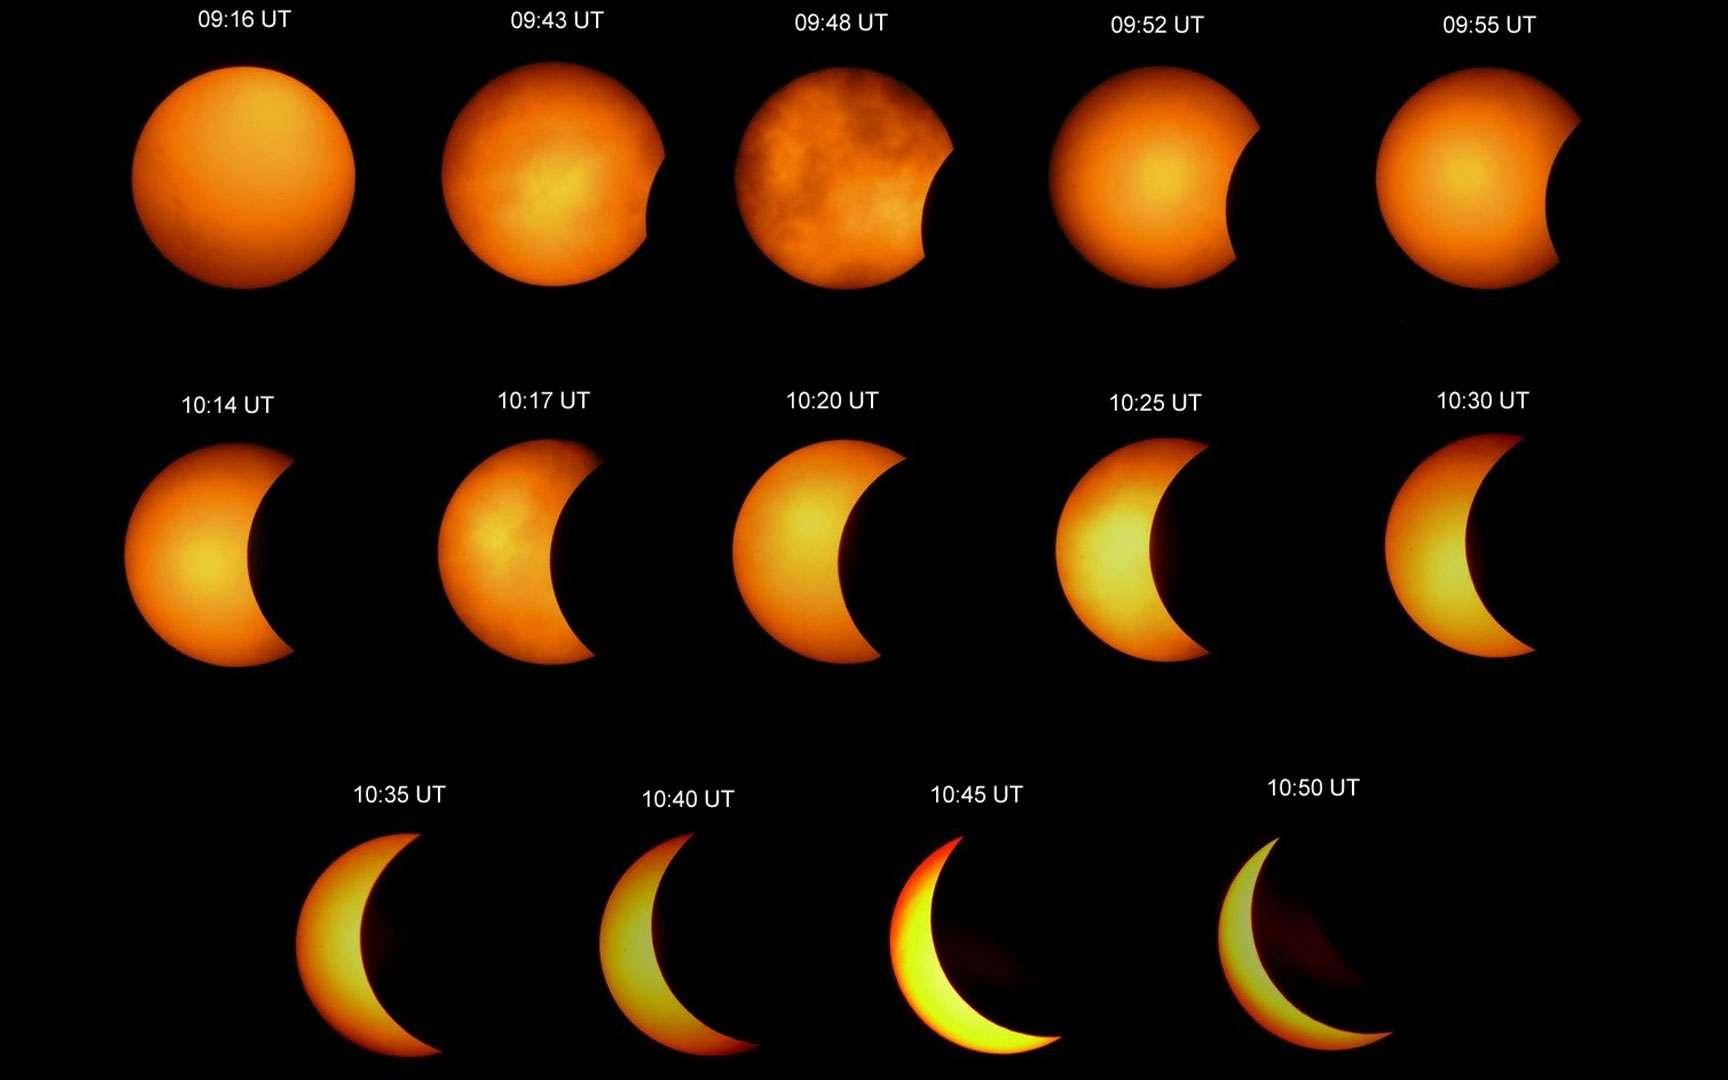 Eclipses solaires partielles. Le Soleil partiellement éclipsé par la Lune et un ballon. Source http://www.astromeyer.de/